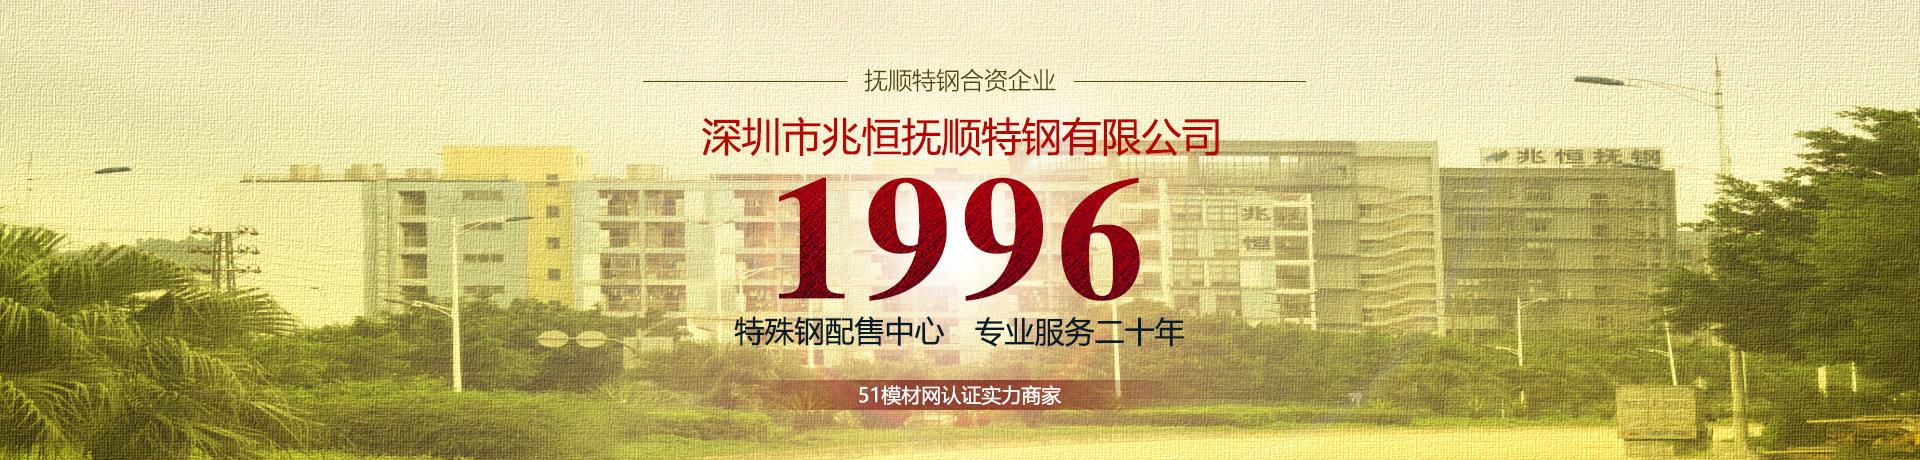 深圳市兆恒抚顺特钢有限公司